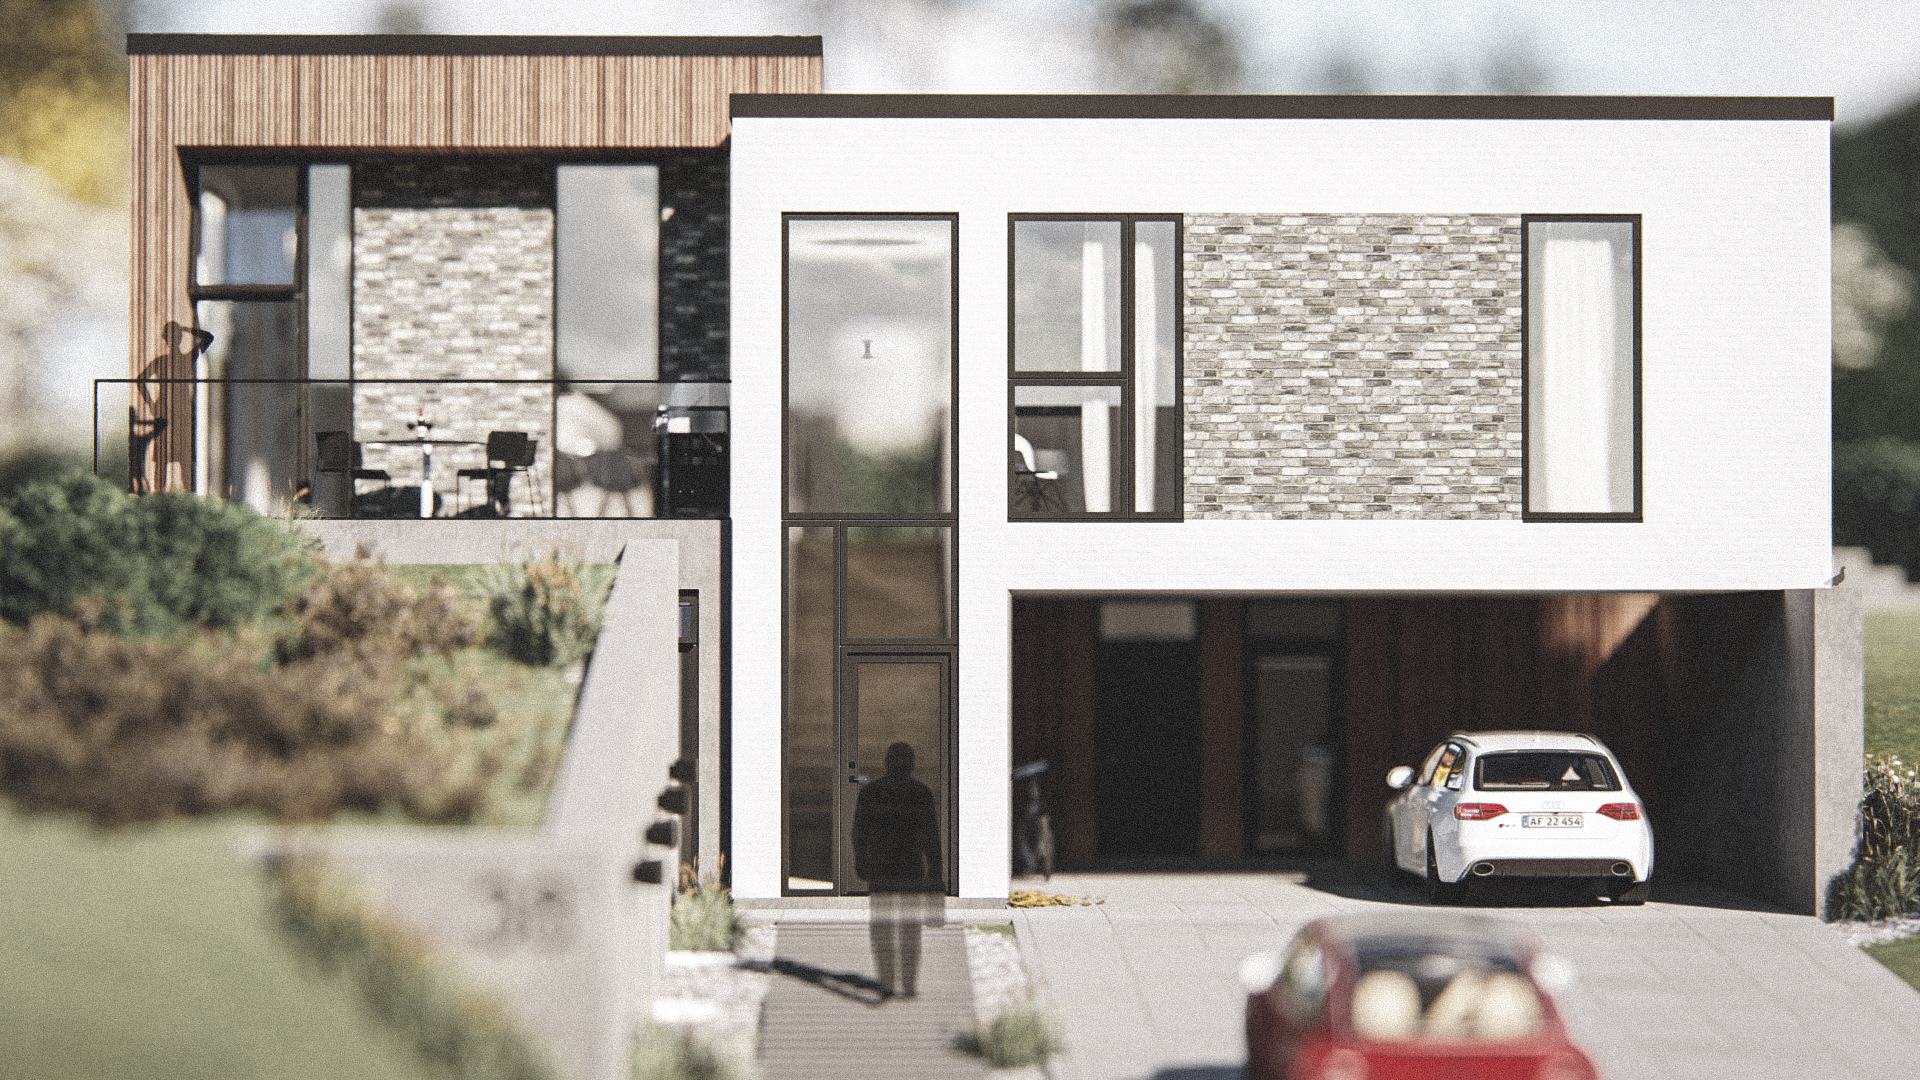 Billede af Dansk arkitekttegnet 2 plan villa af arkitektfirmaet m2plus, i Bagsværd på 231 kvartratmeter.